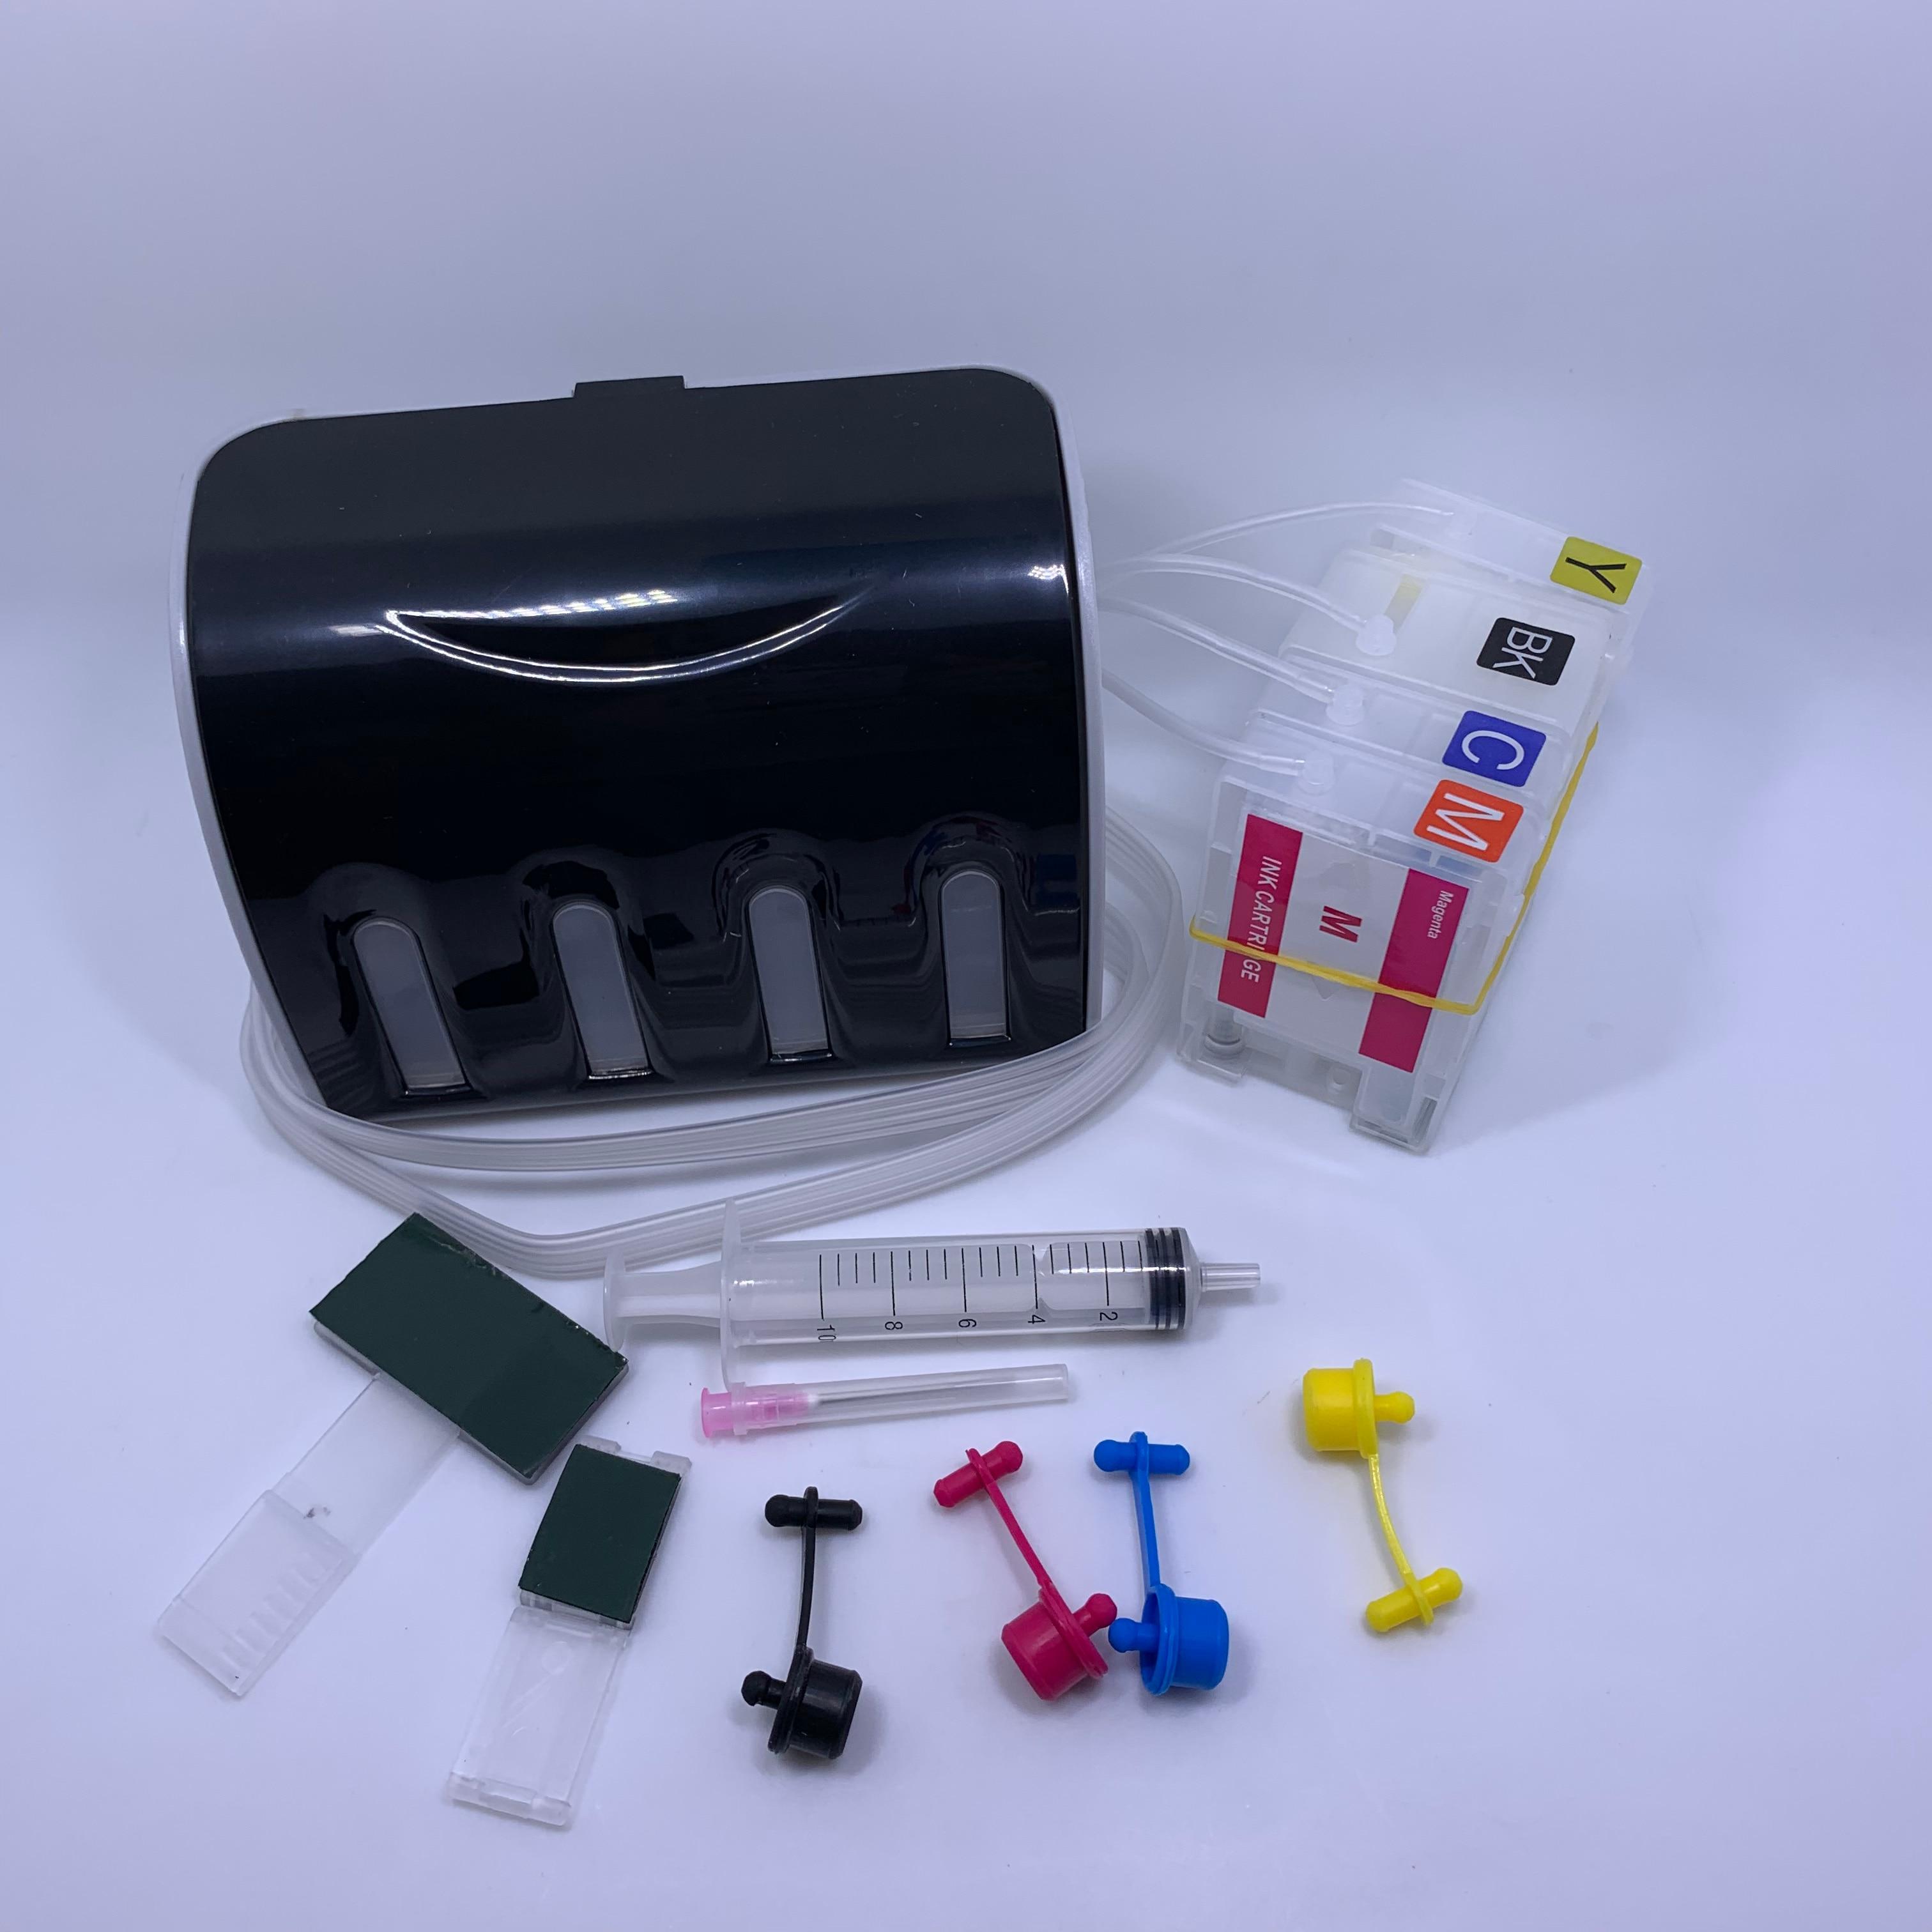 Чернильный картридж YOTAT CISS для принтера Canon MAXIFY MB2040 MB2340 MB2140